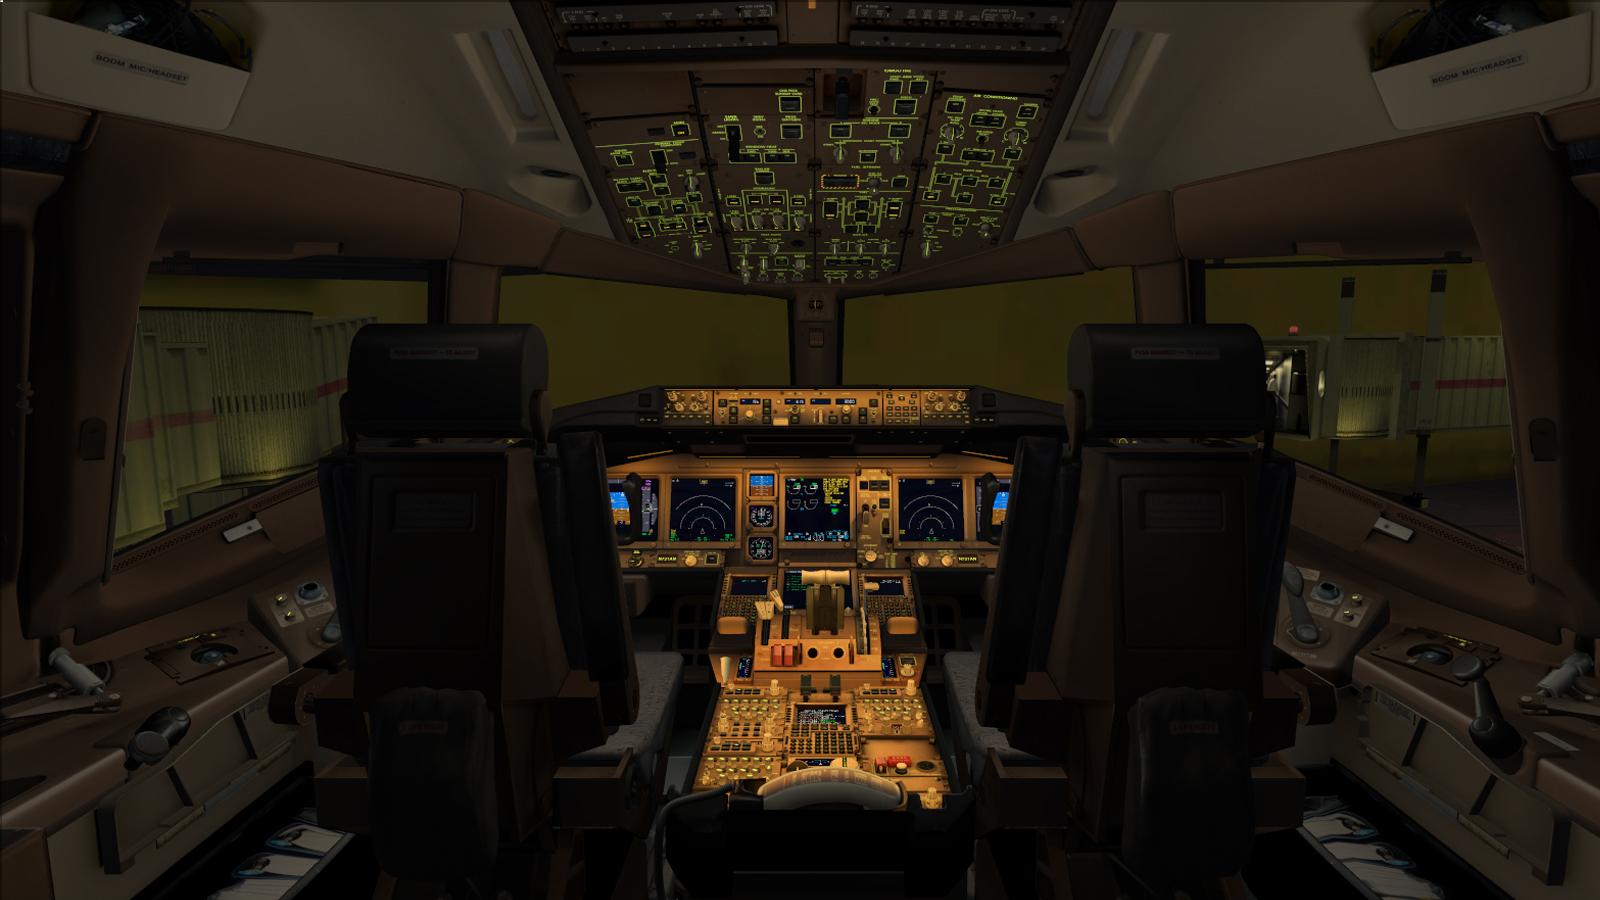 Simuladores: PMDG Boeing 777 - WASD